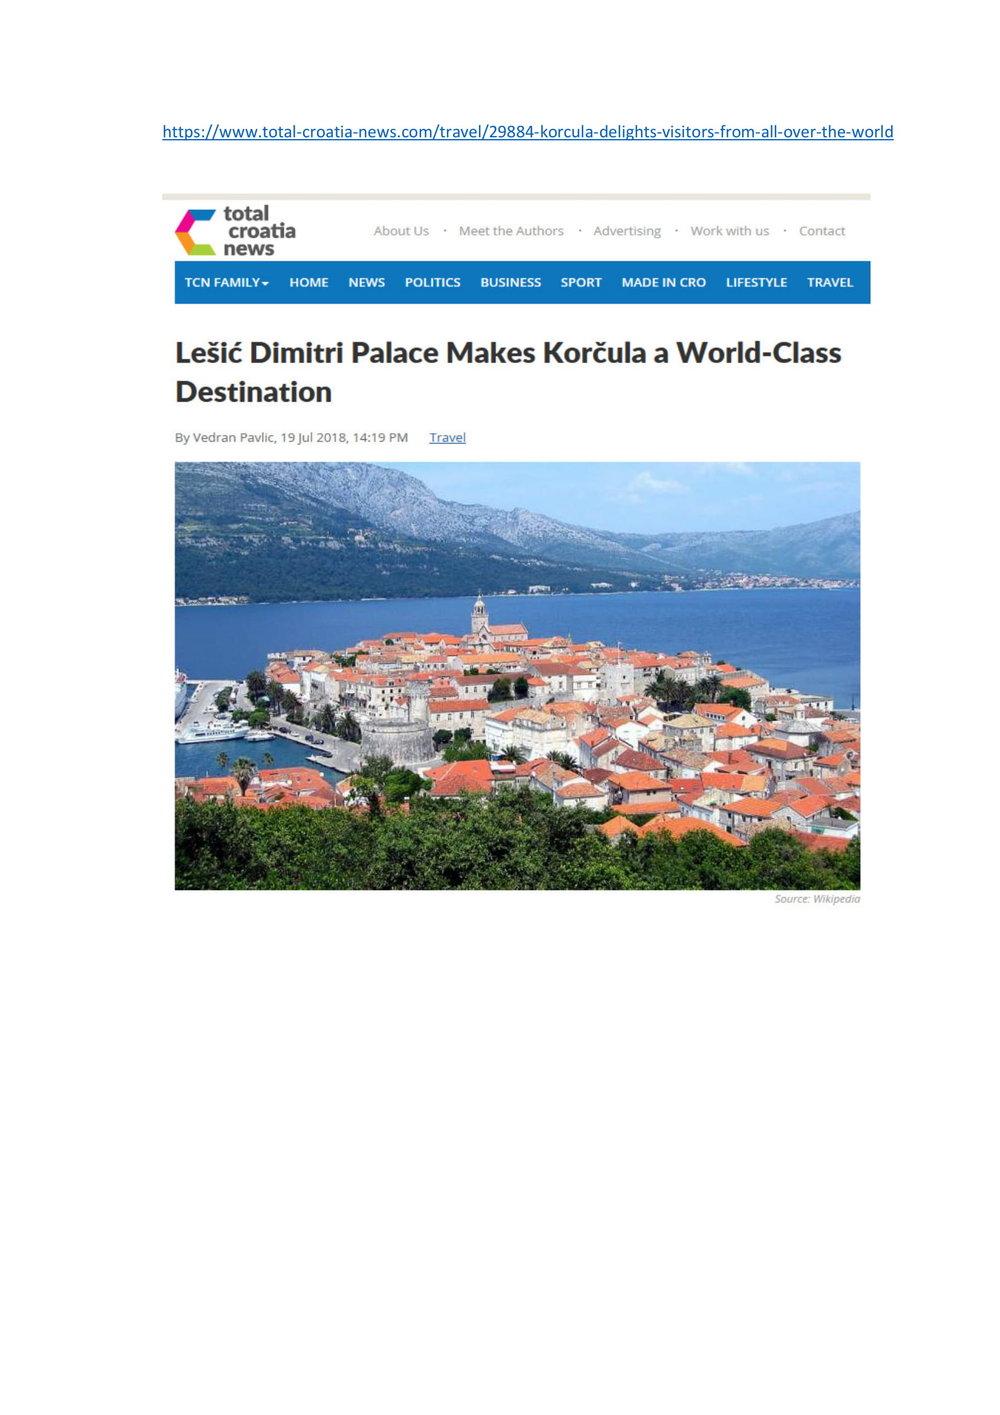 total croatia news 3-1.jpg